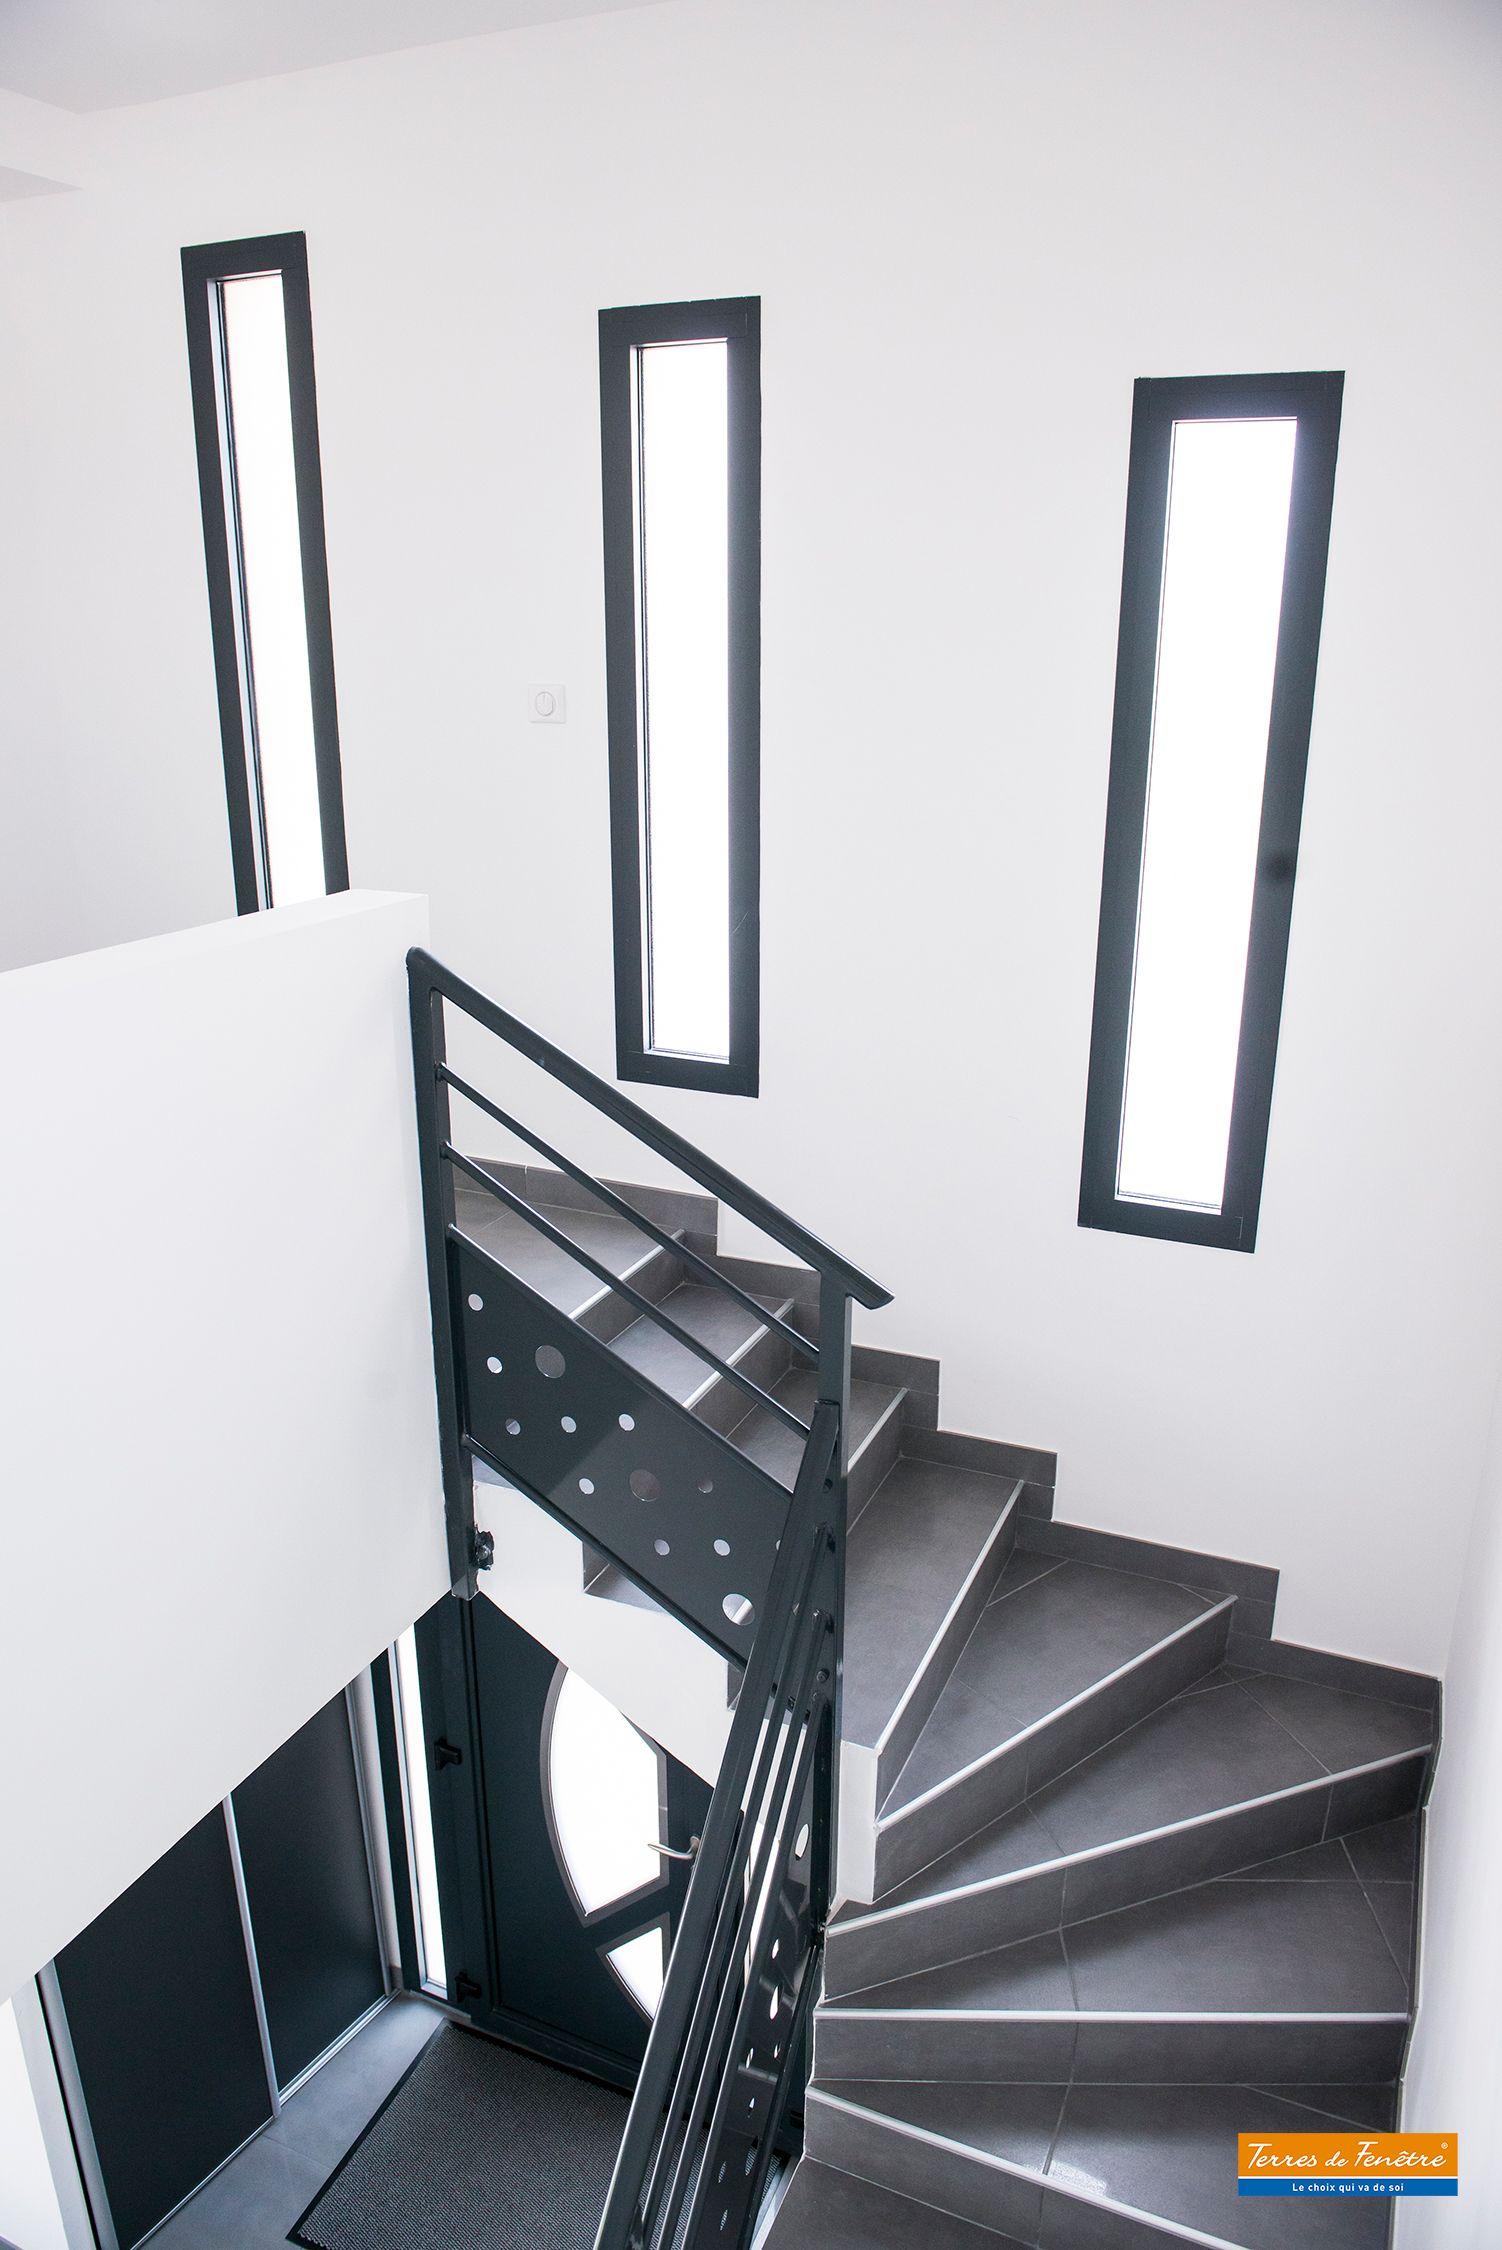 Fenetre Alu Grise Fixe Entree Escaliers Lumineux Maison Deco Grise Blanche Main Courante Moderne Entree Maison Moderne Escaliers Maison Escalier Carrelage